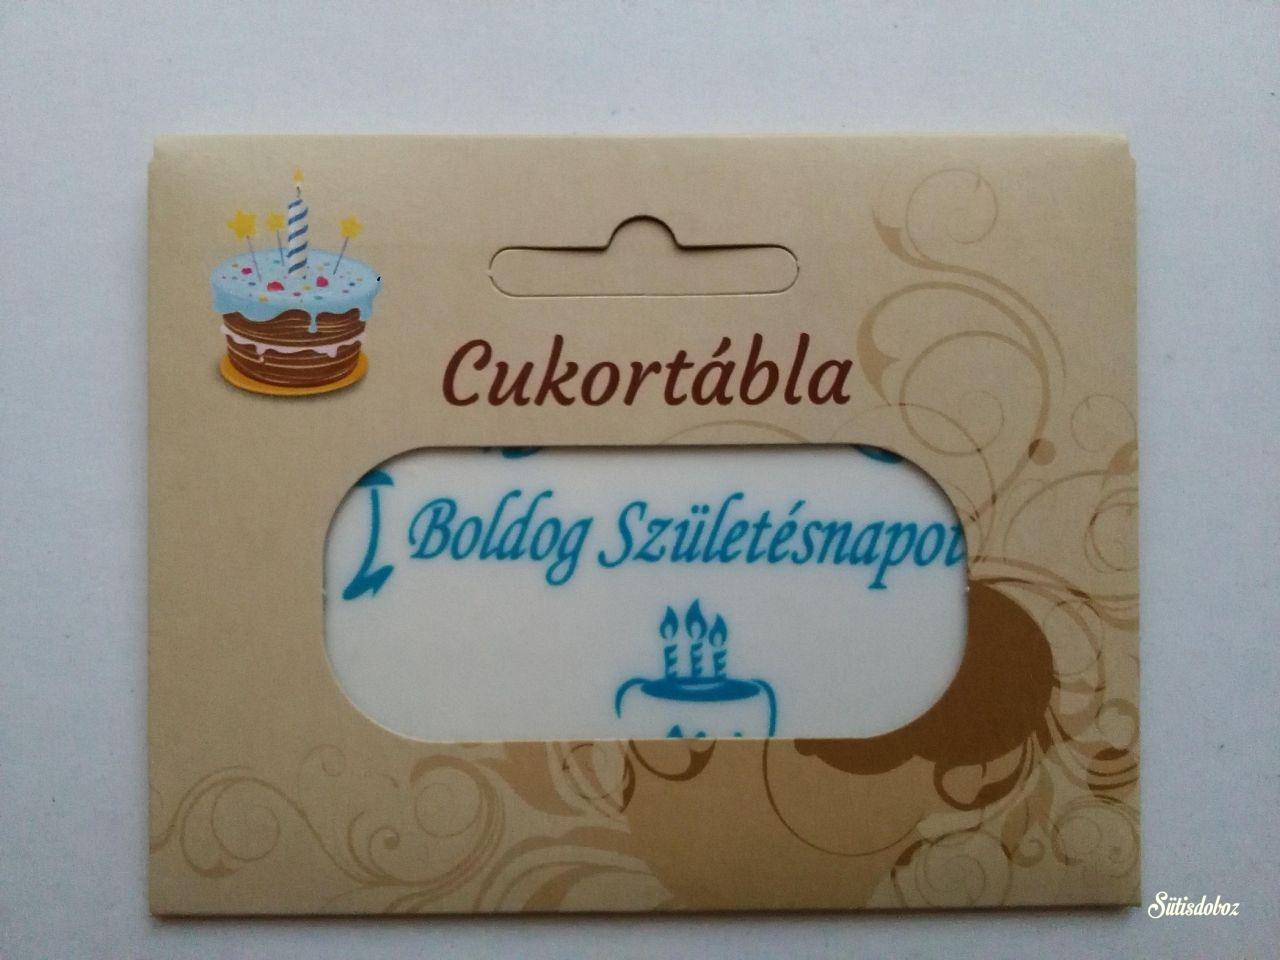 Csomagolt cukortábla - Boldog Születésnapot! (kék)